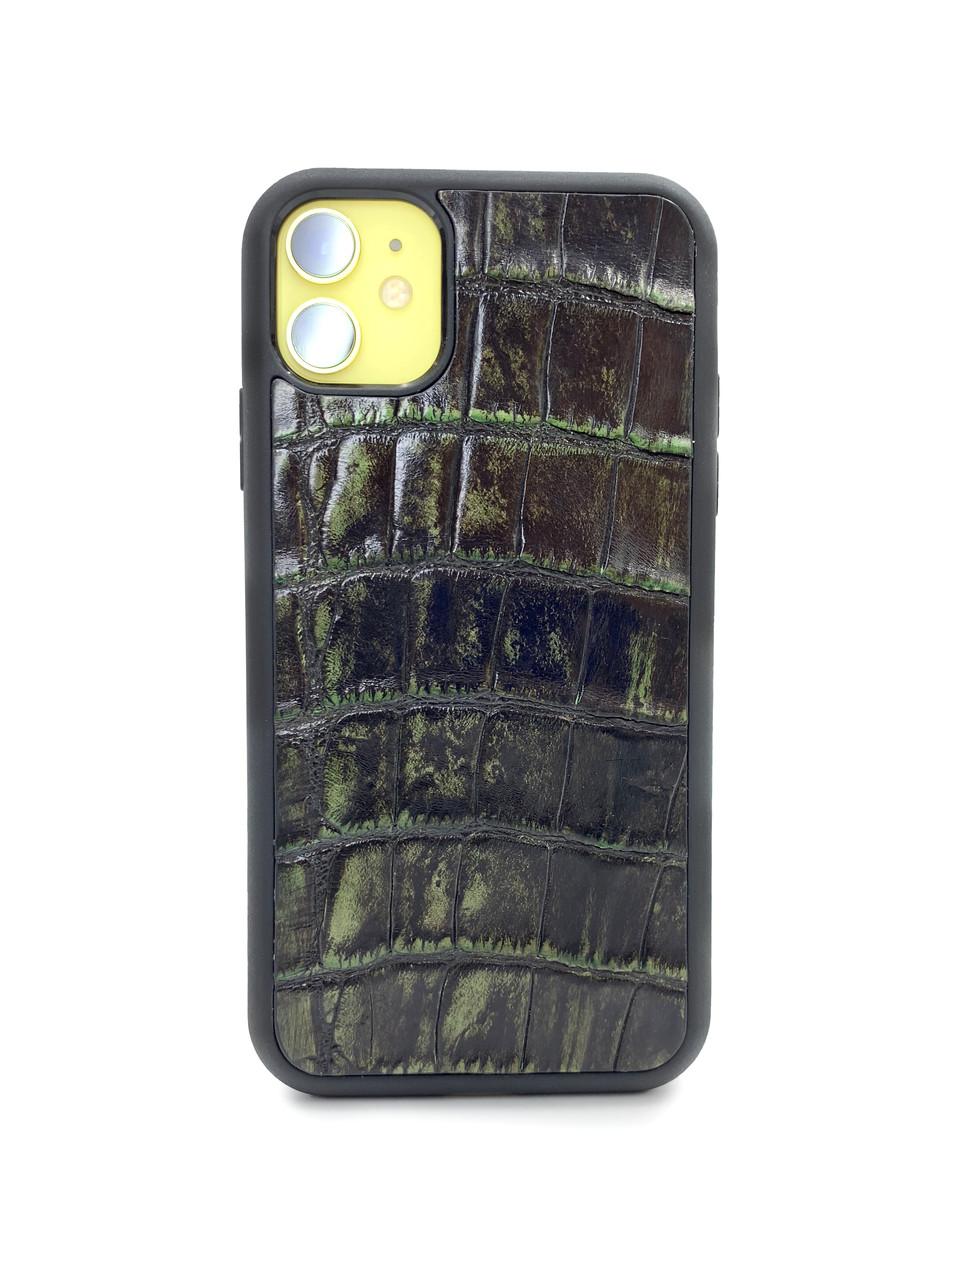 Чехол для iPhone 12 цвета зелёный винтаж из кожи Крокодила